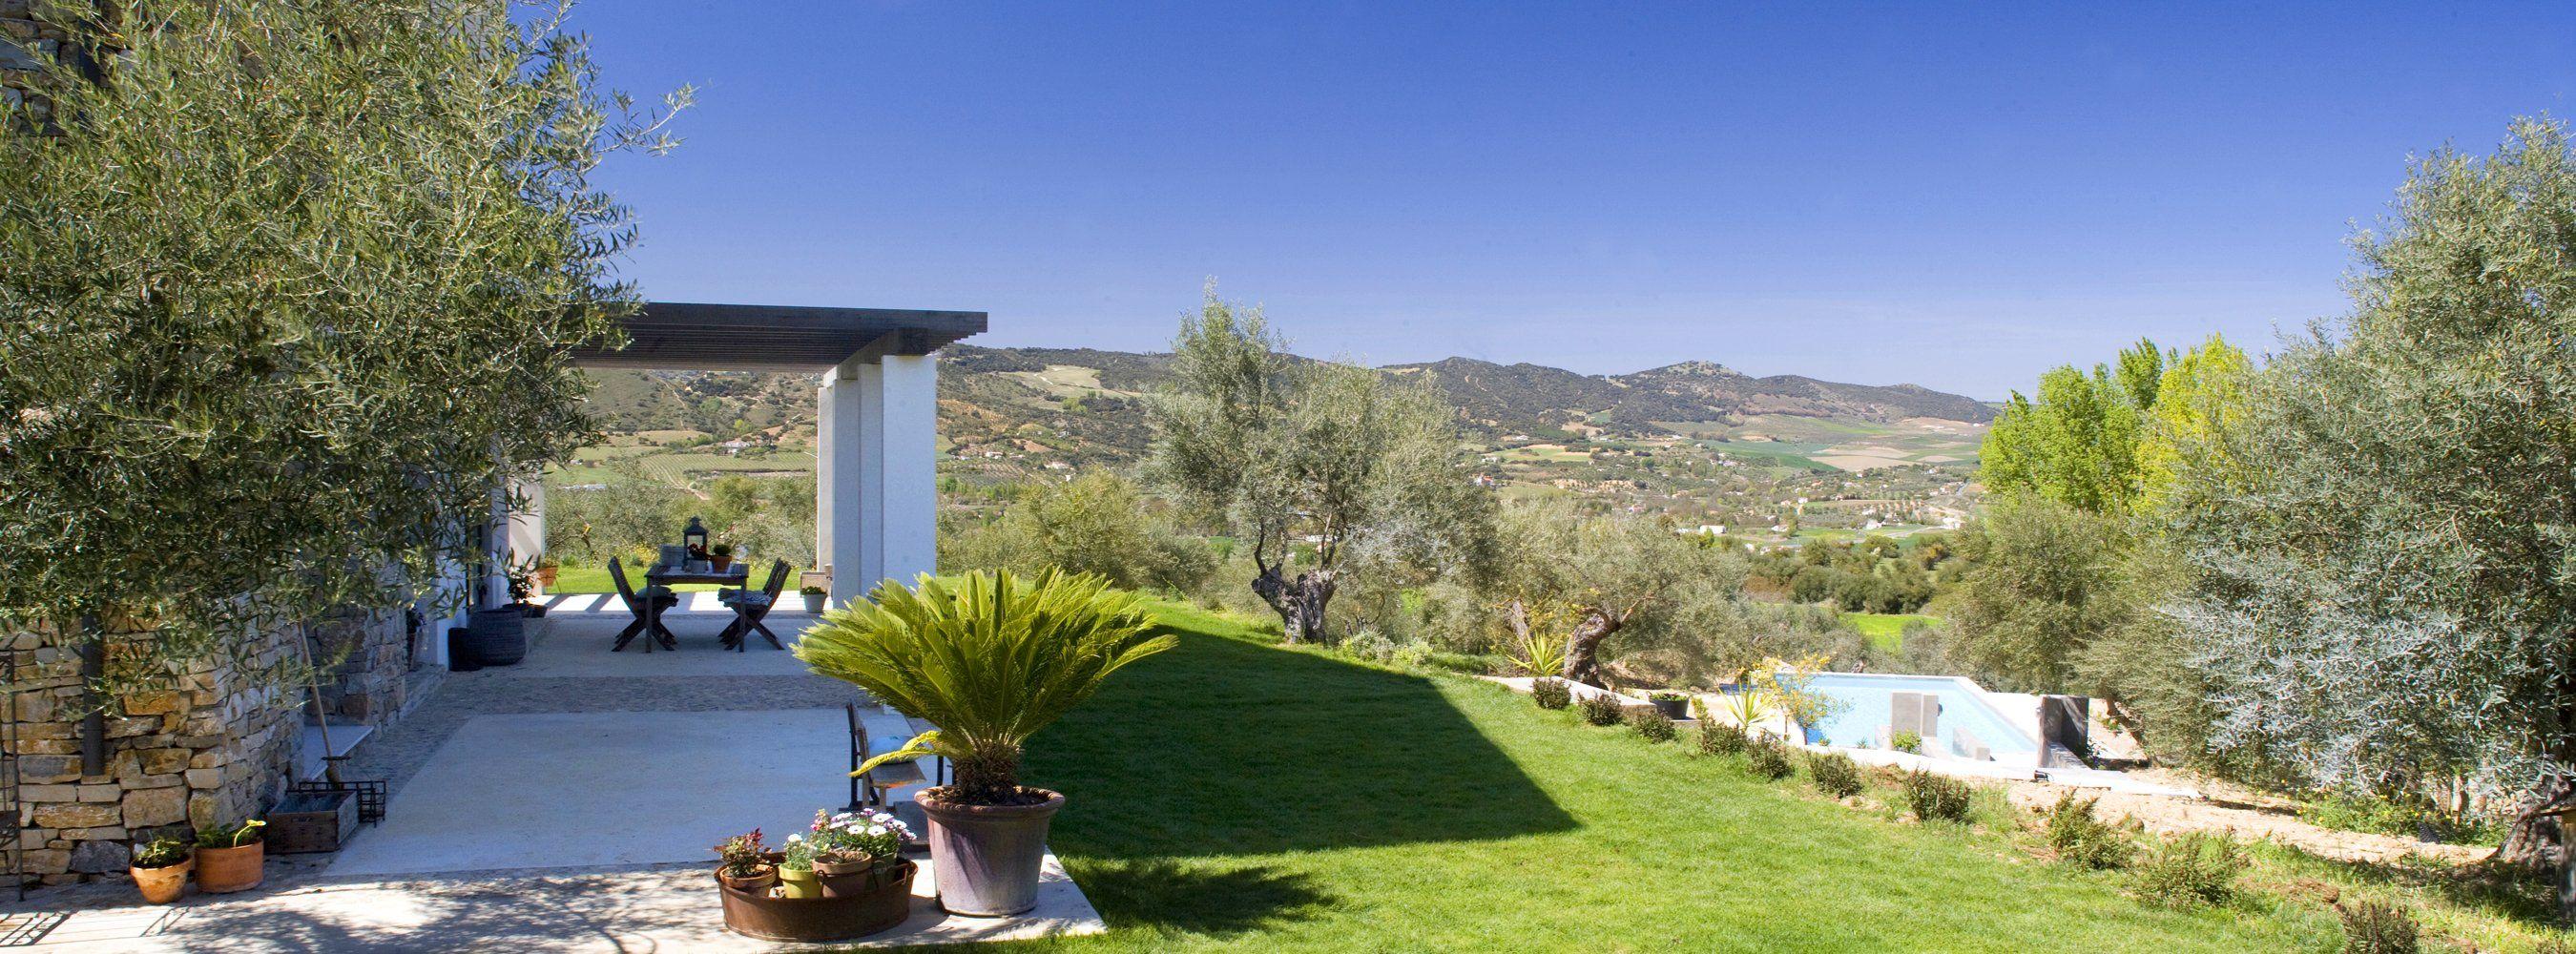 views over valley near ronda andalucia